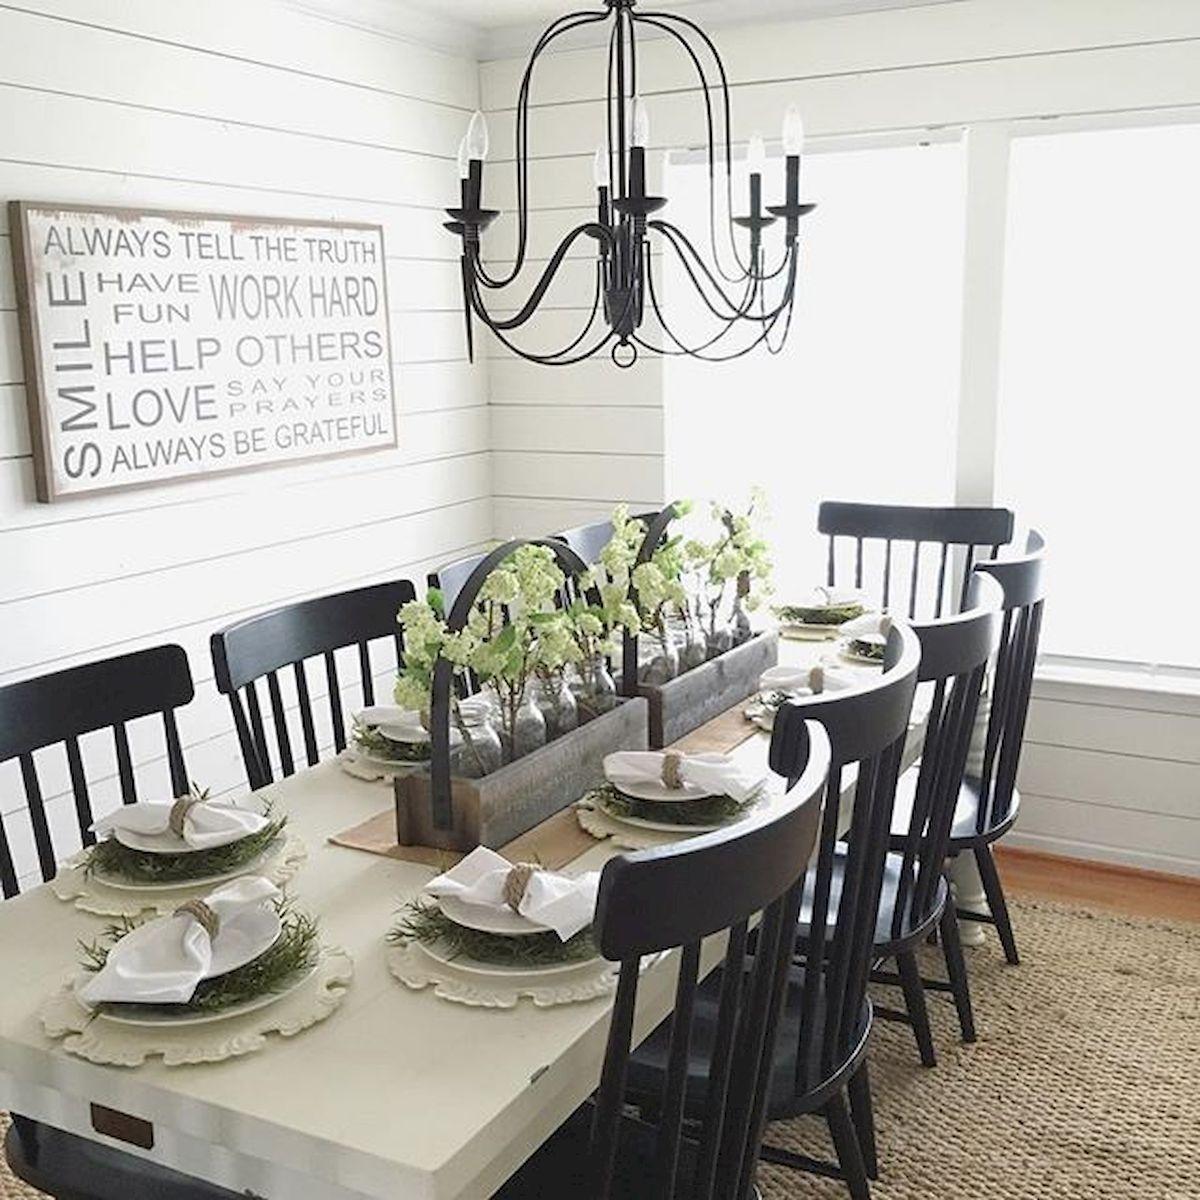 9 Stunning Modern Farmhouse Dining Room Table Ideas Decor And ...